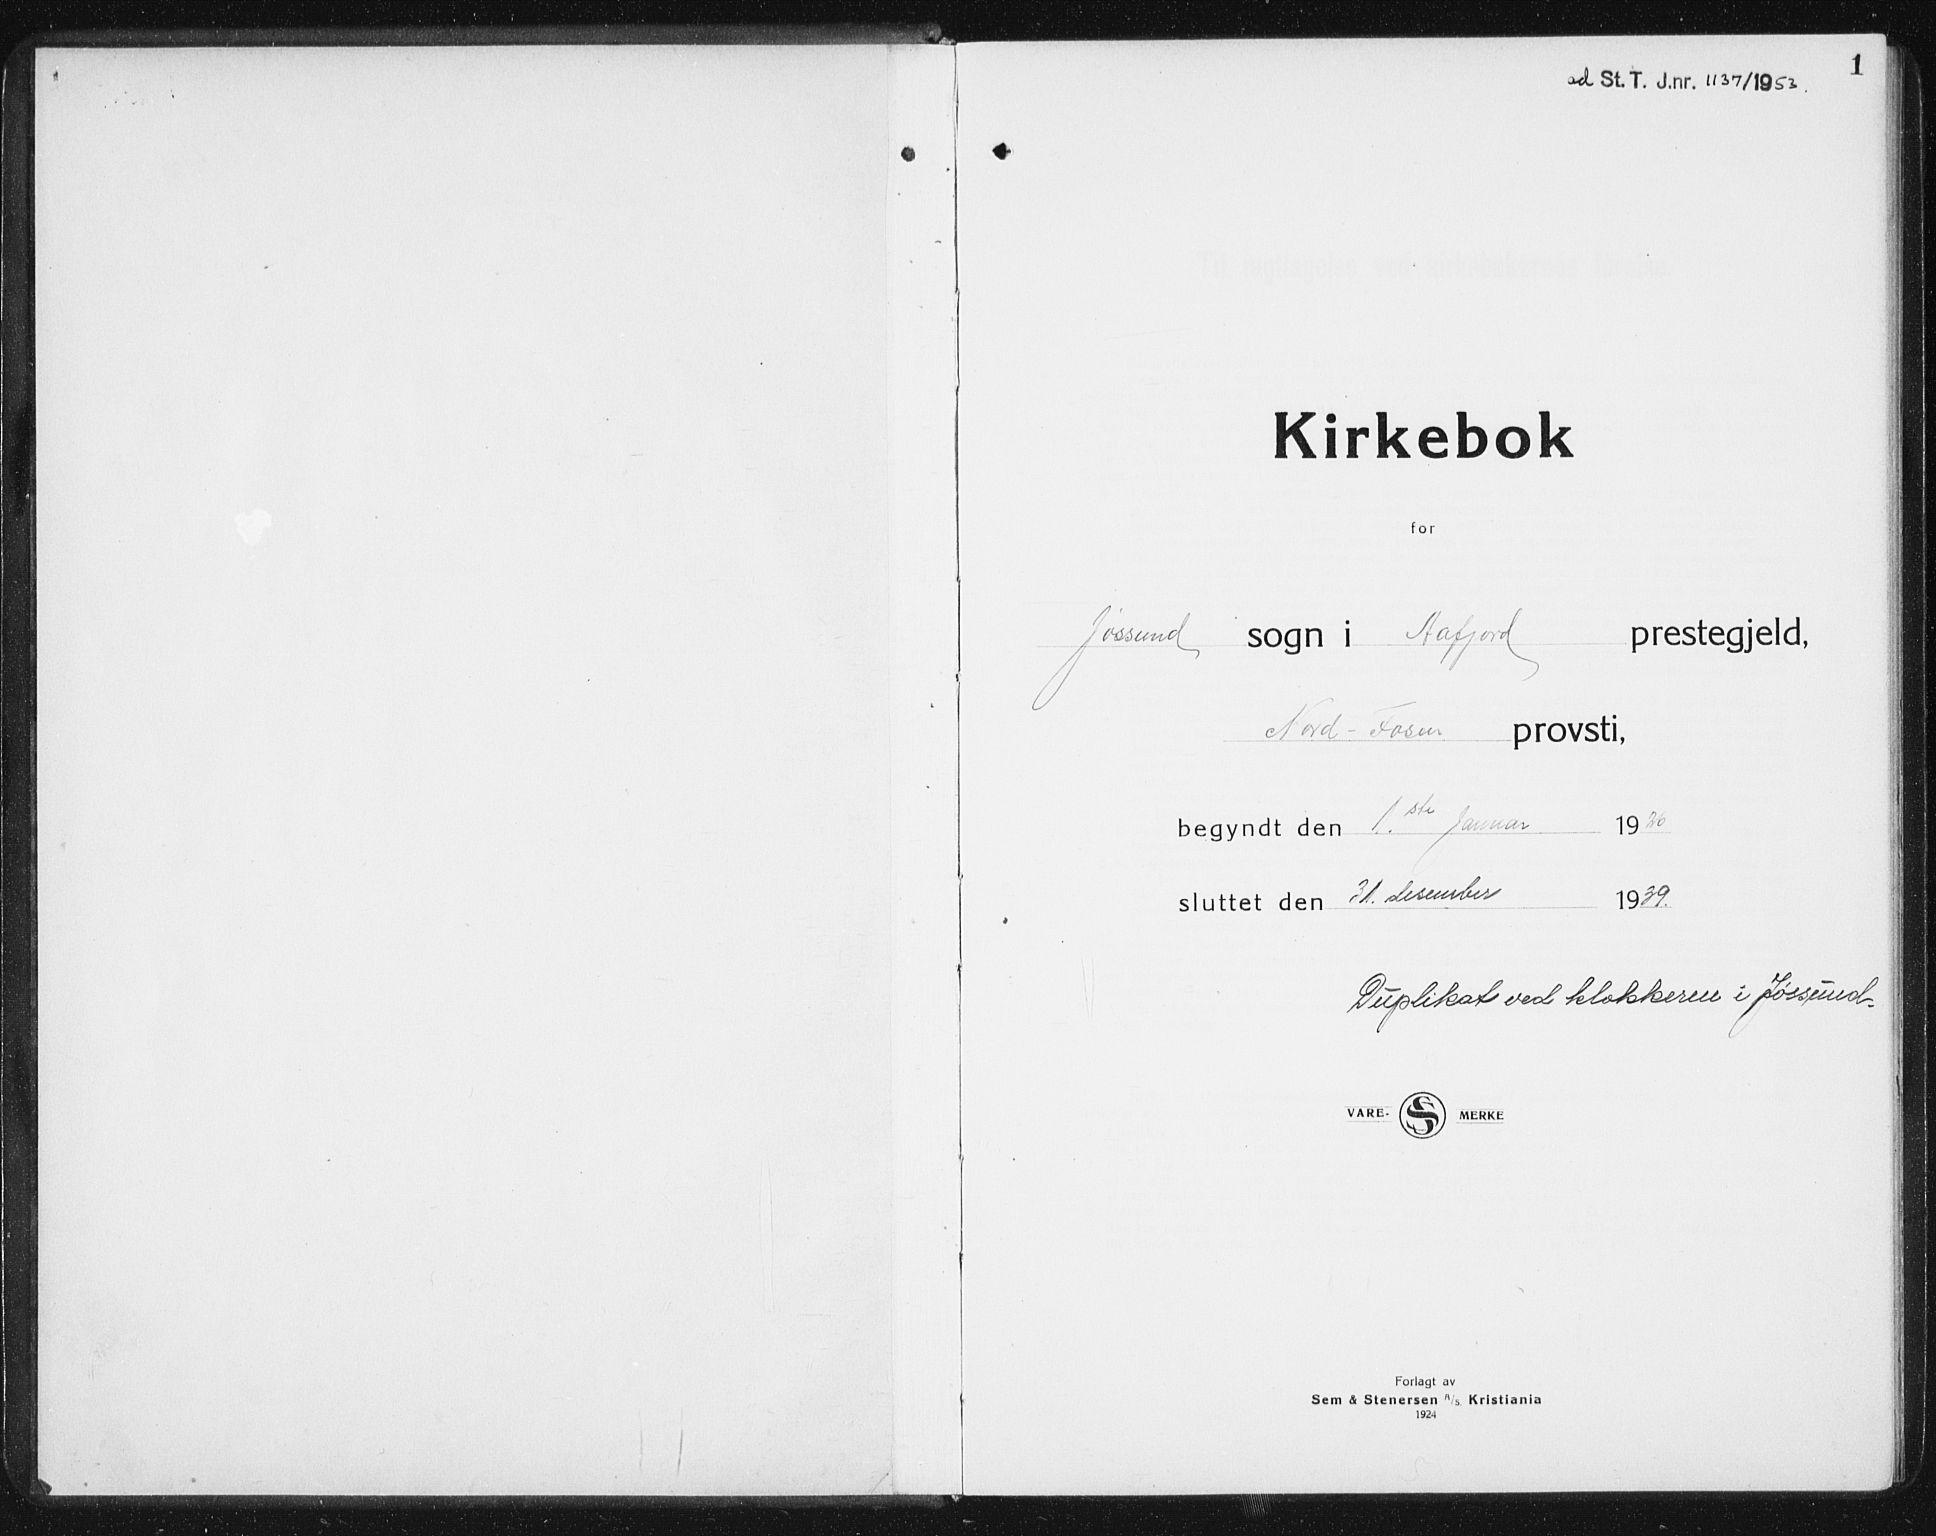 SAT, Ministerialprotokoller, klokkerbøker og fødselsregistre - Sør-Trøndelag, 654/L0667: Klokkerbok nr. 654C03, 1924-1939, s. 1